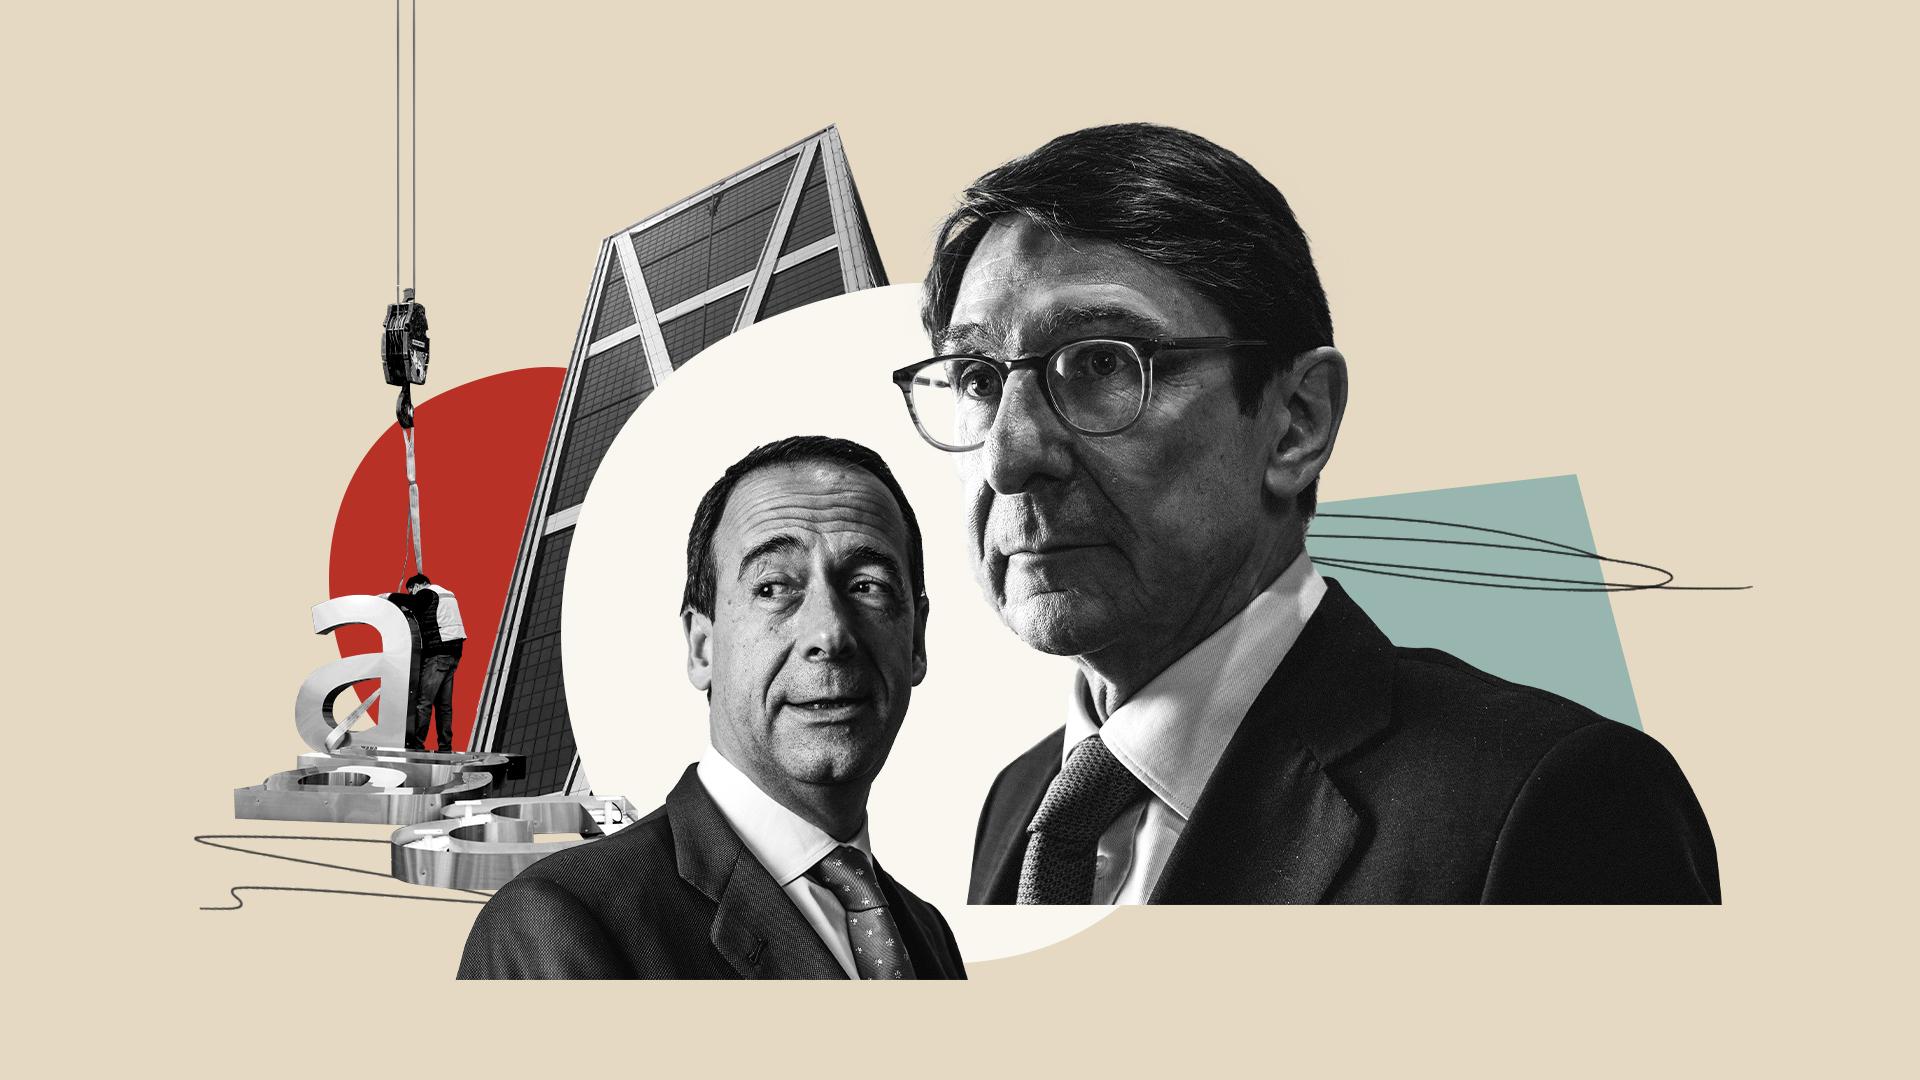 Ilustración sobre la fusión de Bankia y Caixabank